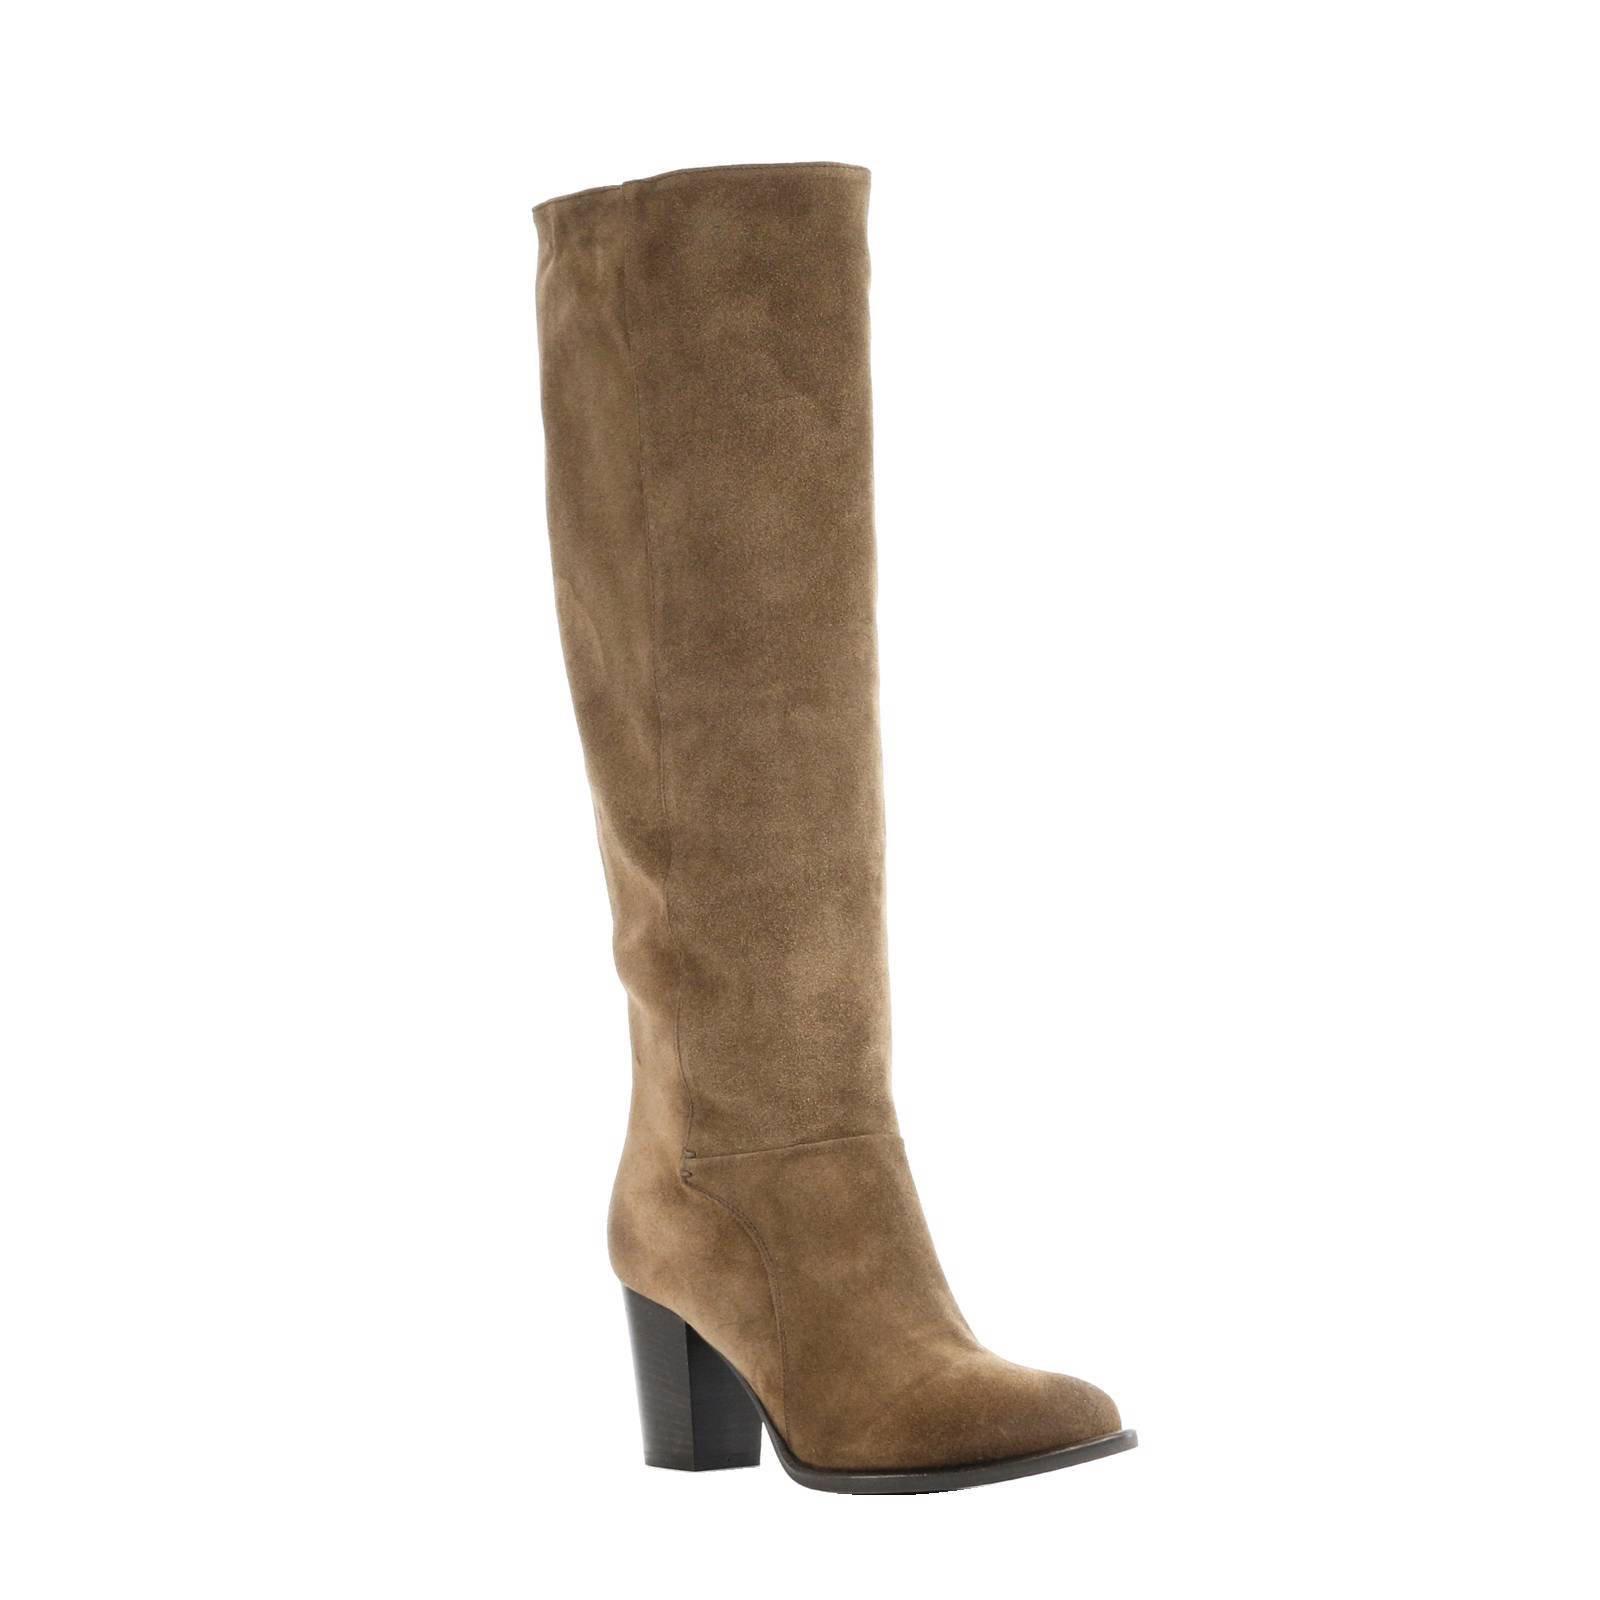 Mooie dames laarzen Fred de la bretoniere